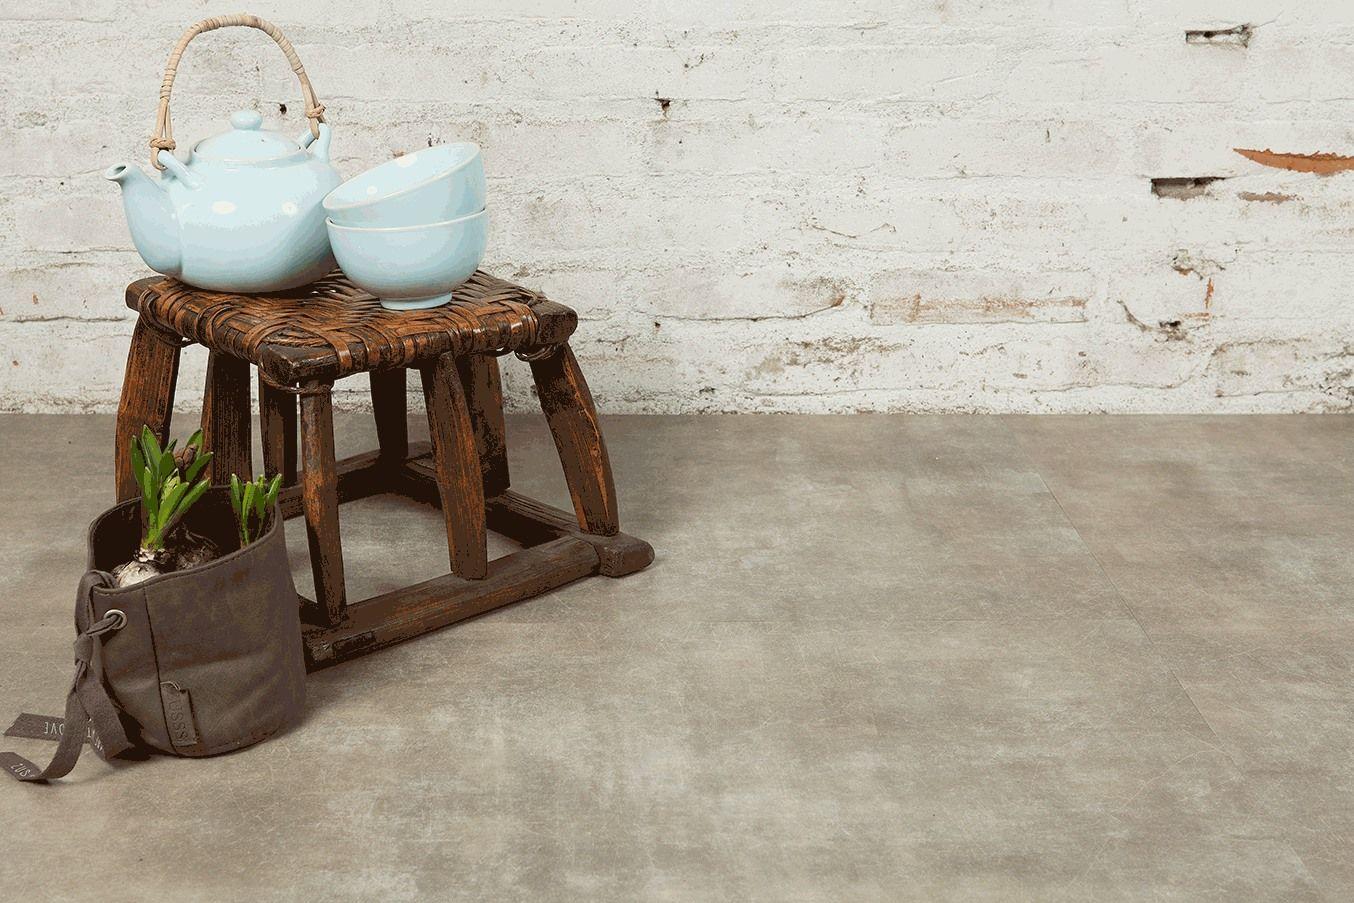 Vloer met betonlook pvc vloer van vivafloors verlijmd en geschikt